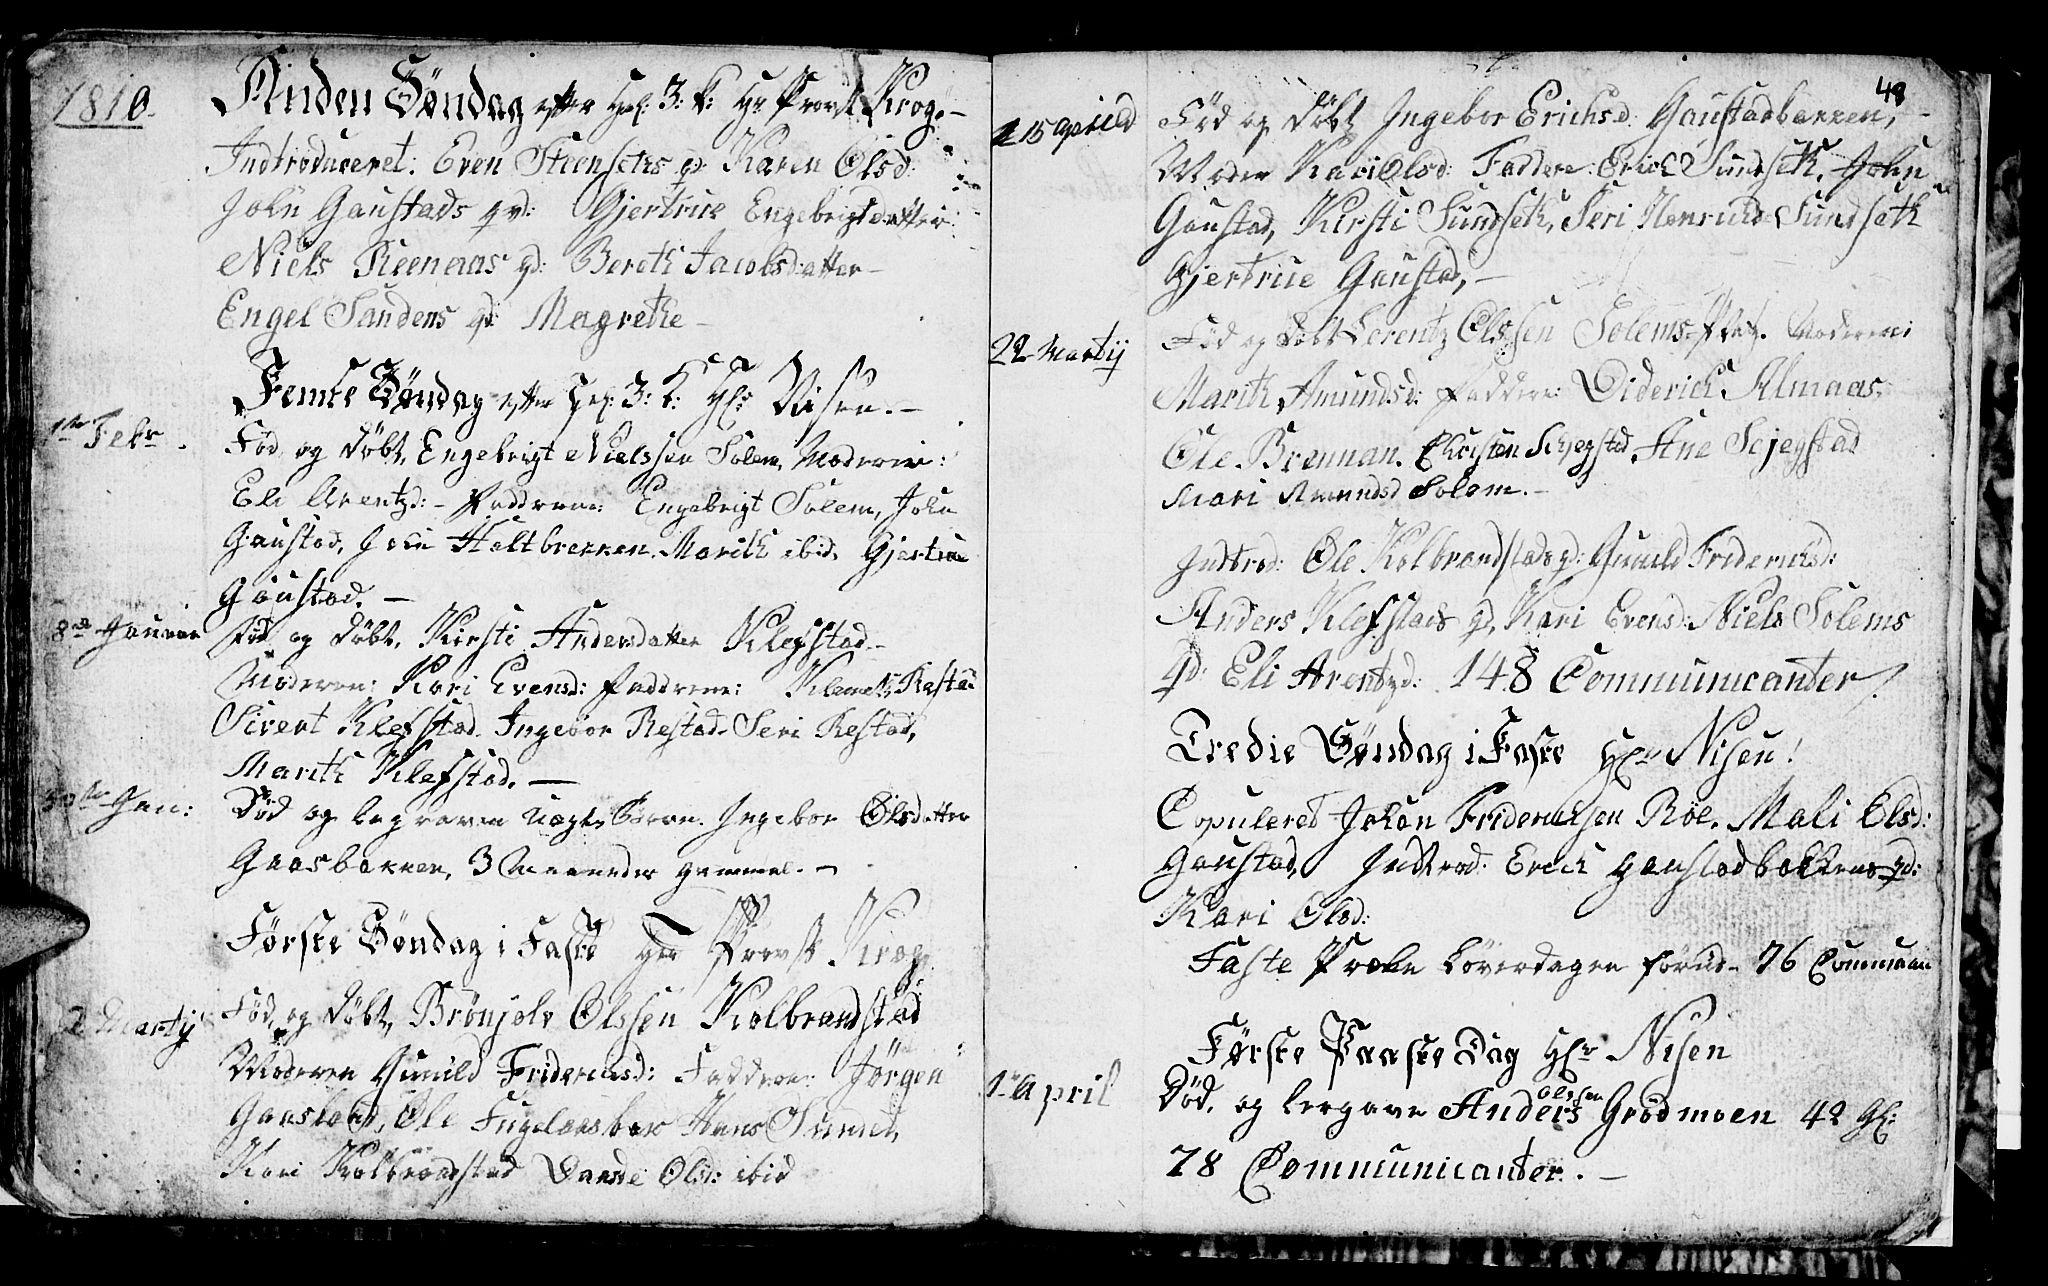 SAT, Ministerialprotokoller, klokkerbøker og fødselsregistre - Sør-Trøndelag, 694/L1129: Klokkerbok nr. 694C01, 1793-1815, s. 49